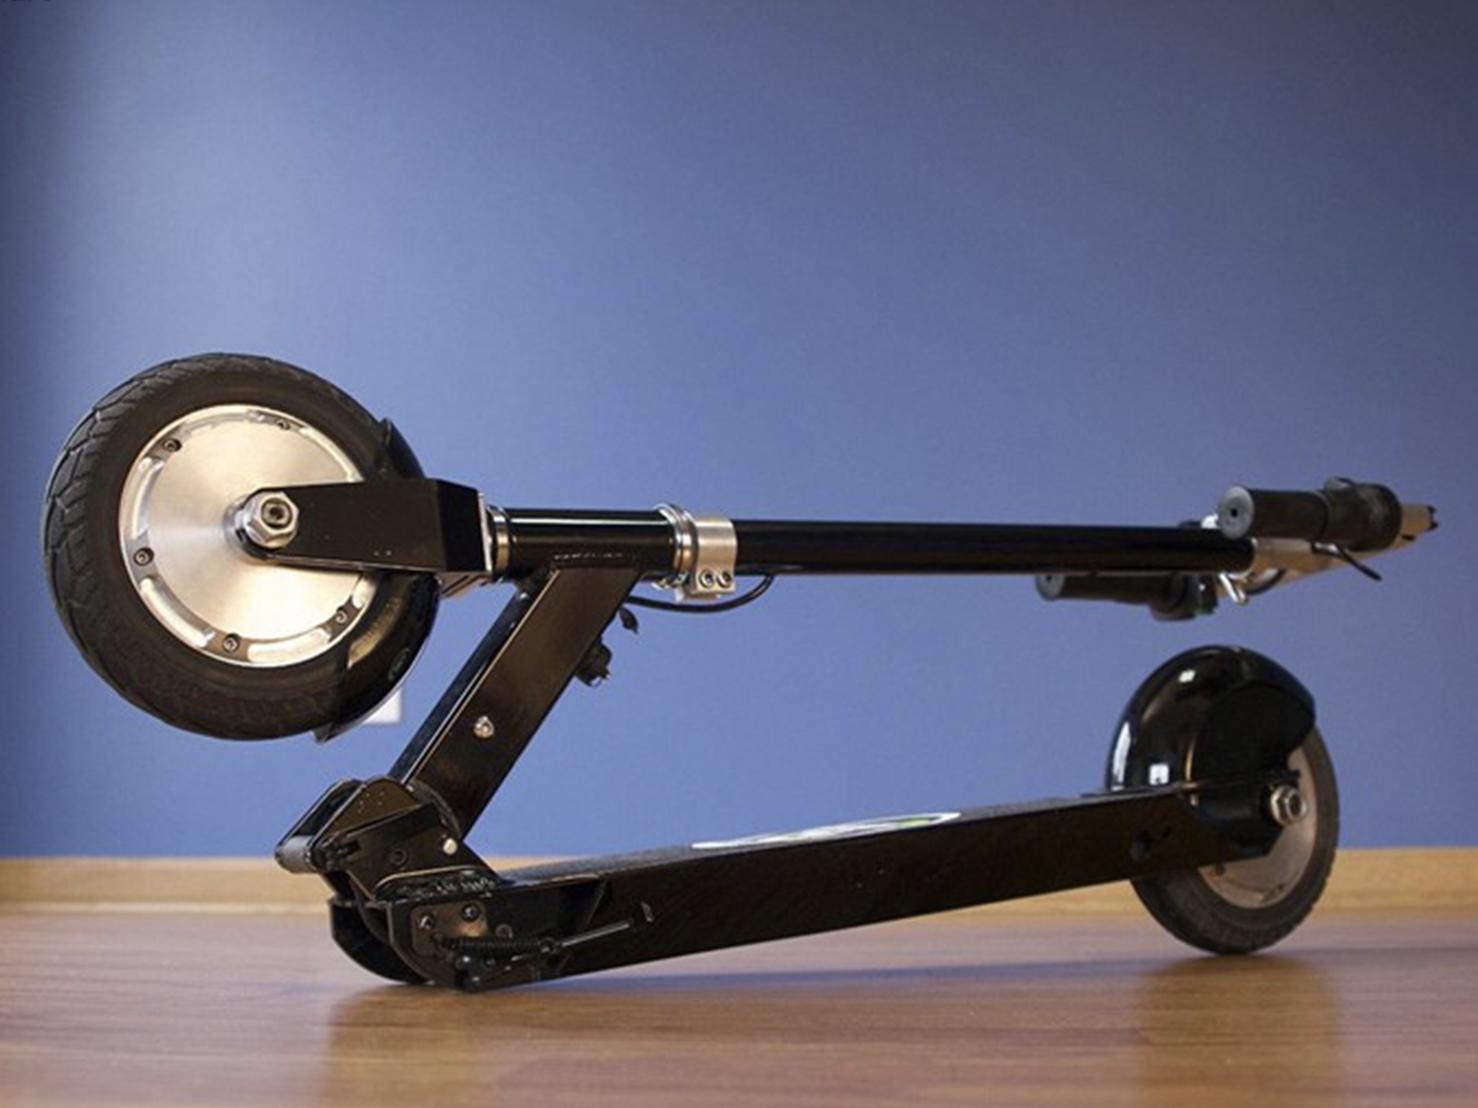 摺疊起來並放在地上的電動滑板車